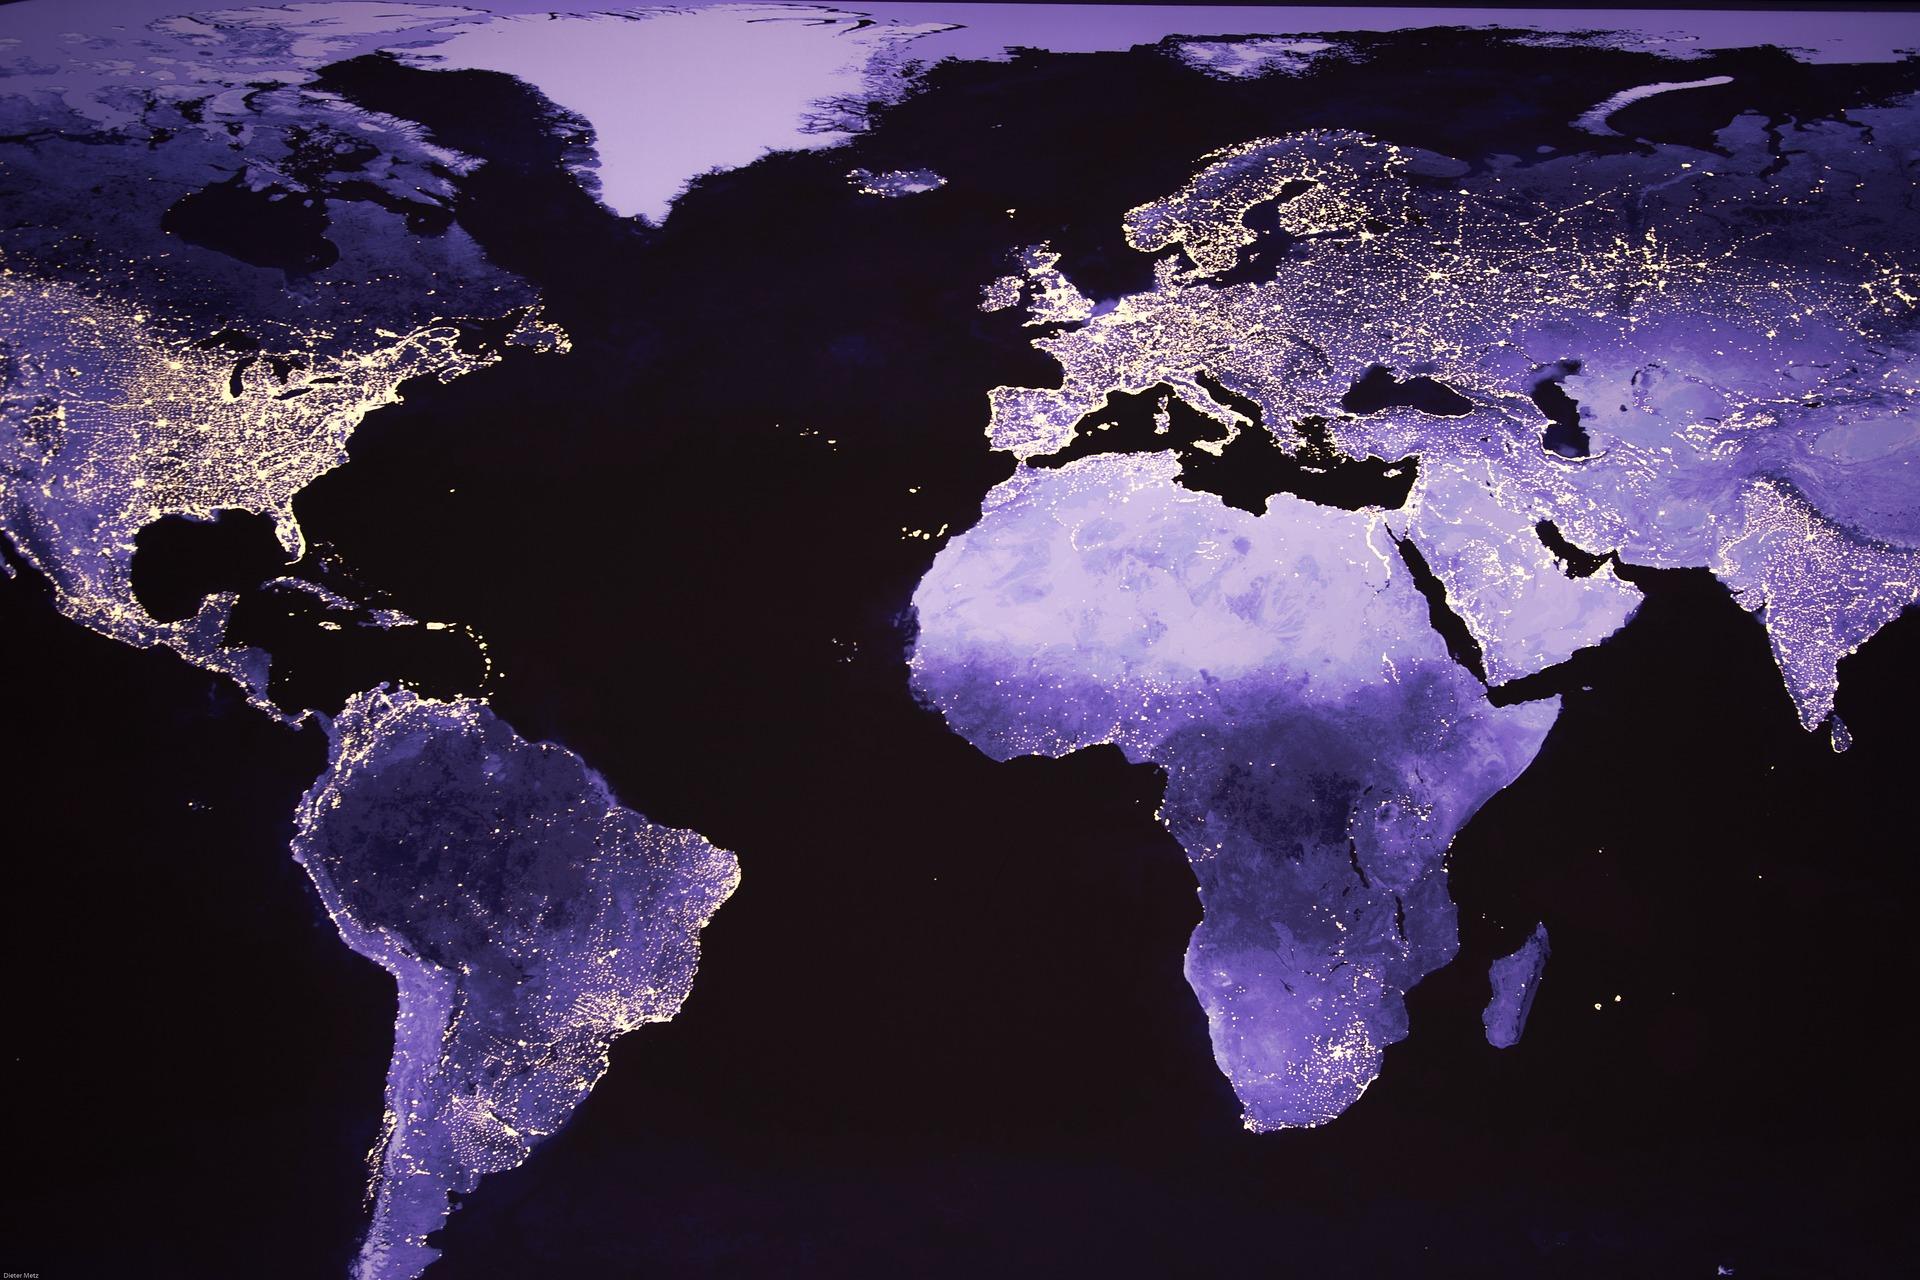 L'Africa ha bisogno di innovazione per creare mercato